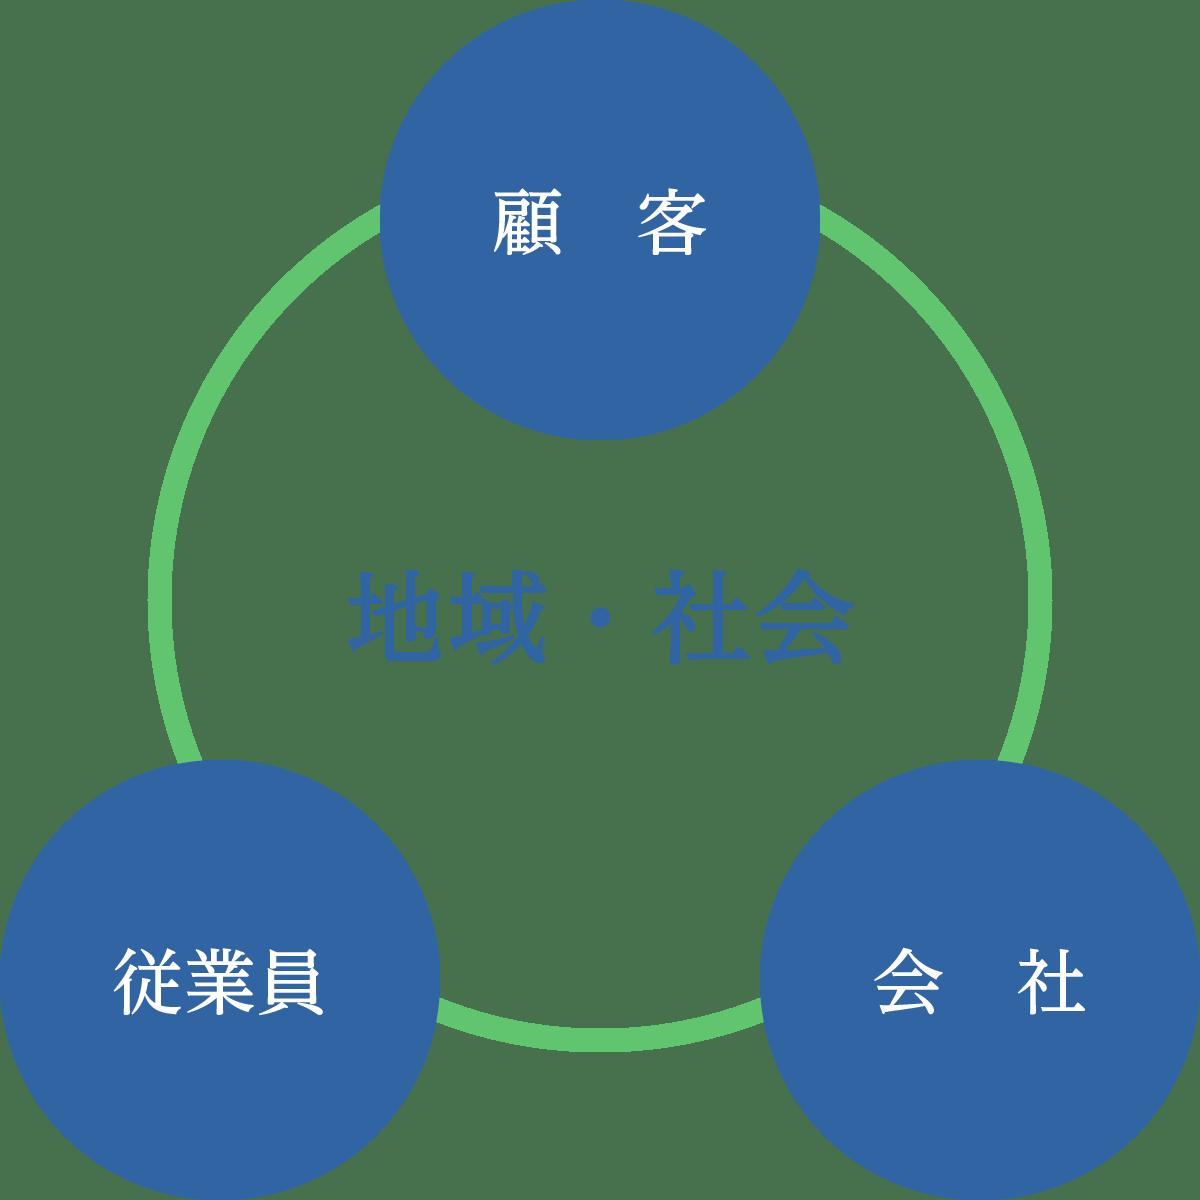 経営方針 大塚セラミックス株式会社